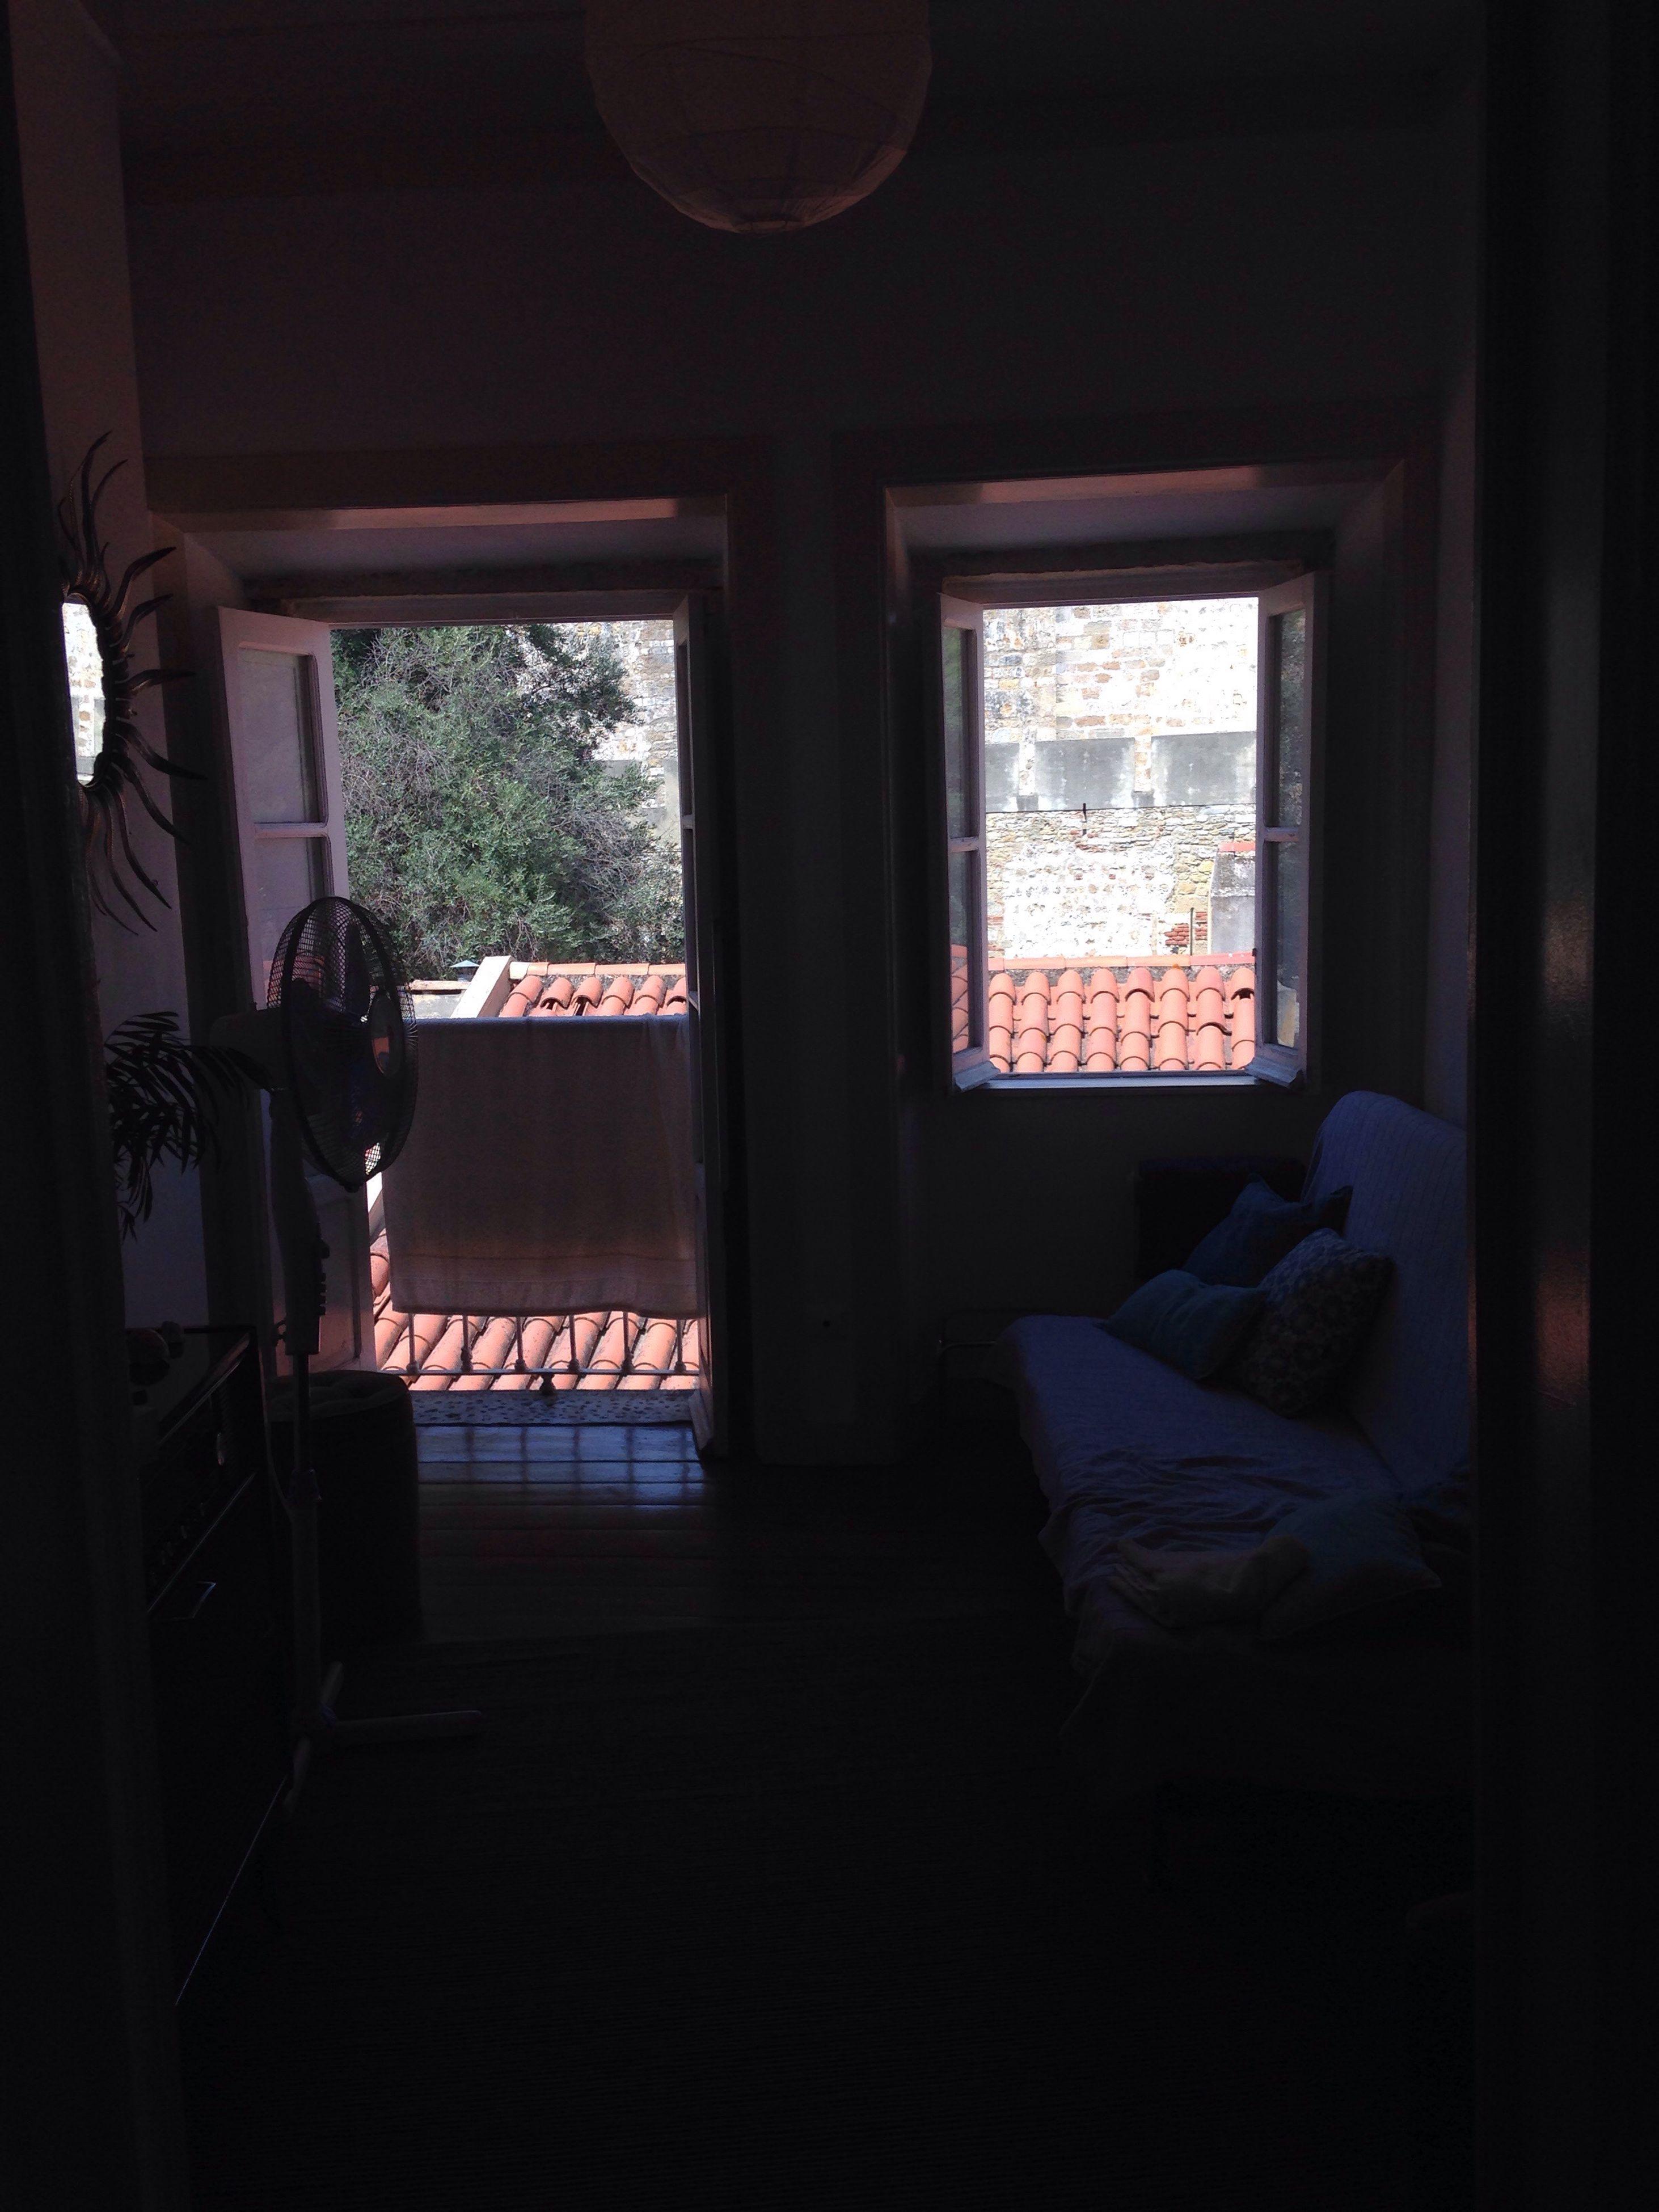 window, indoors, home interior, dark, darkroom, day, damaged, domestic life, obsolete, dirty, darkness